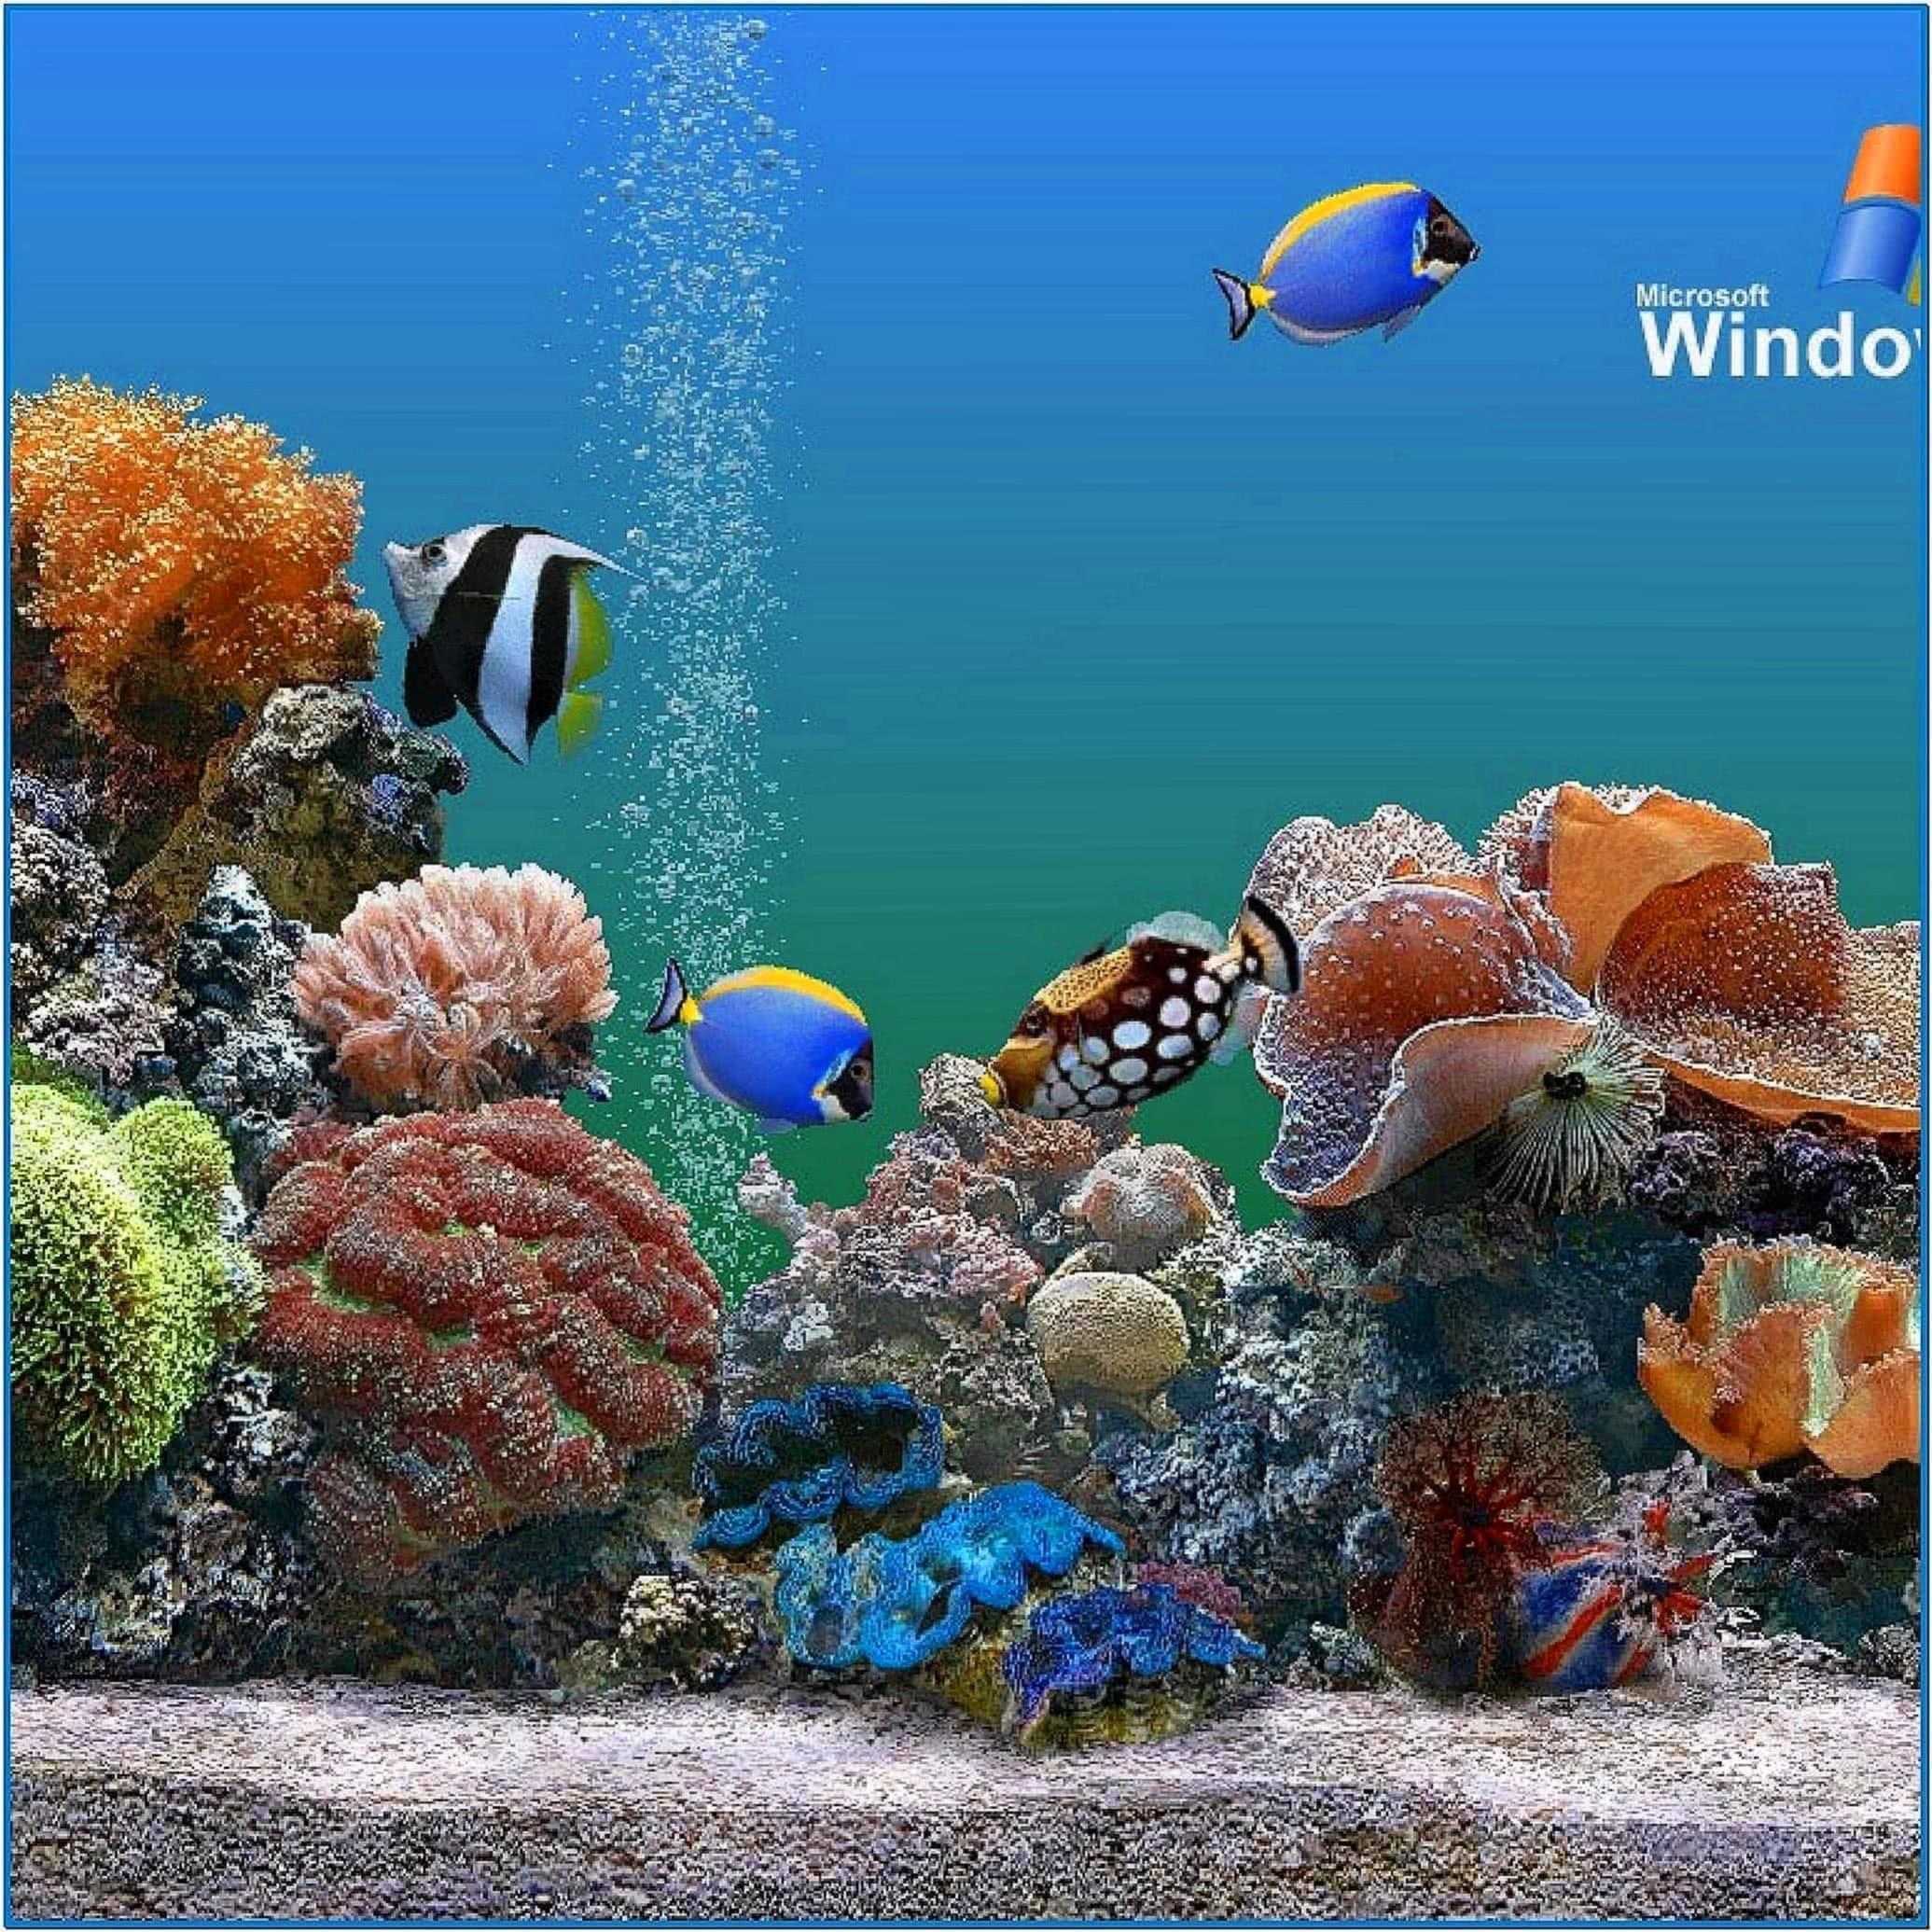 3d Aquarium Live Wallpaper: Aquarium Screensaver For Ipad